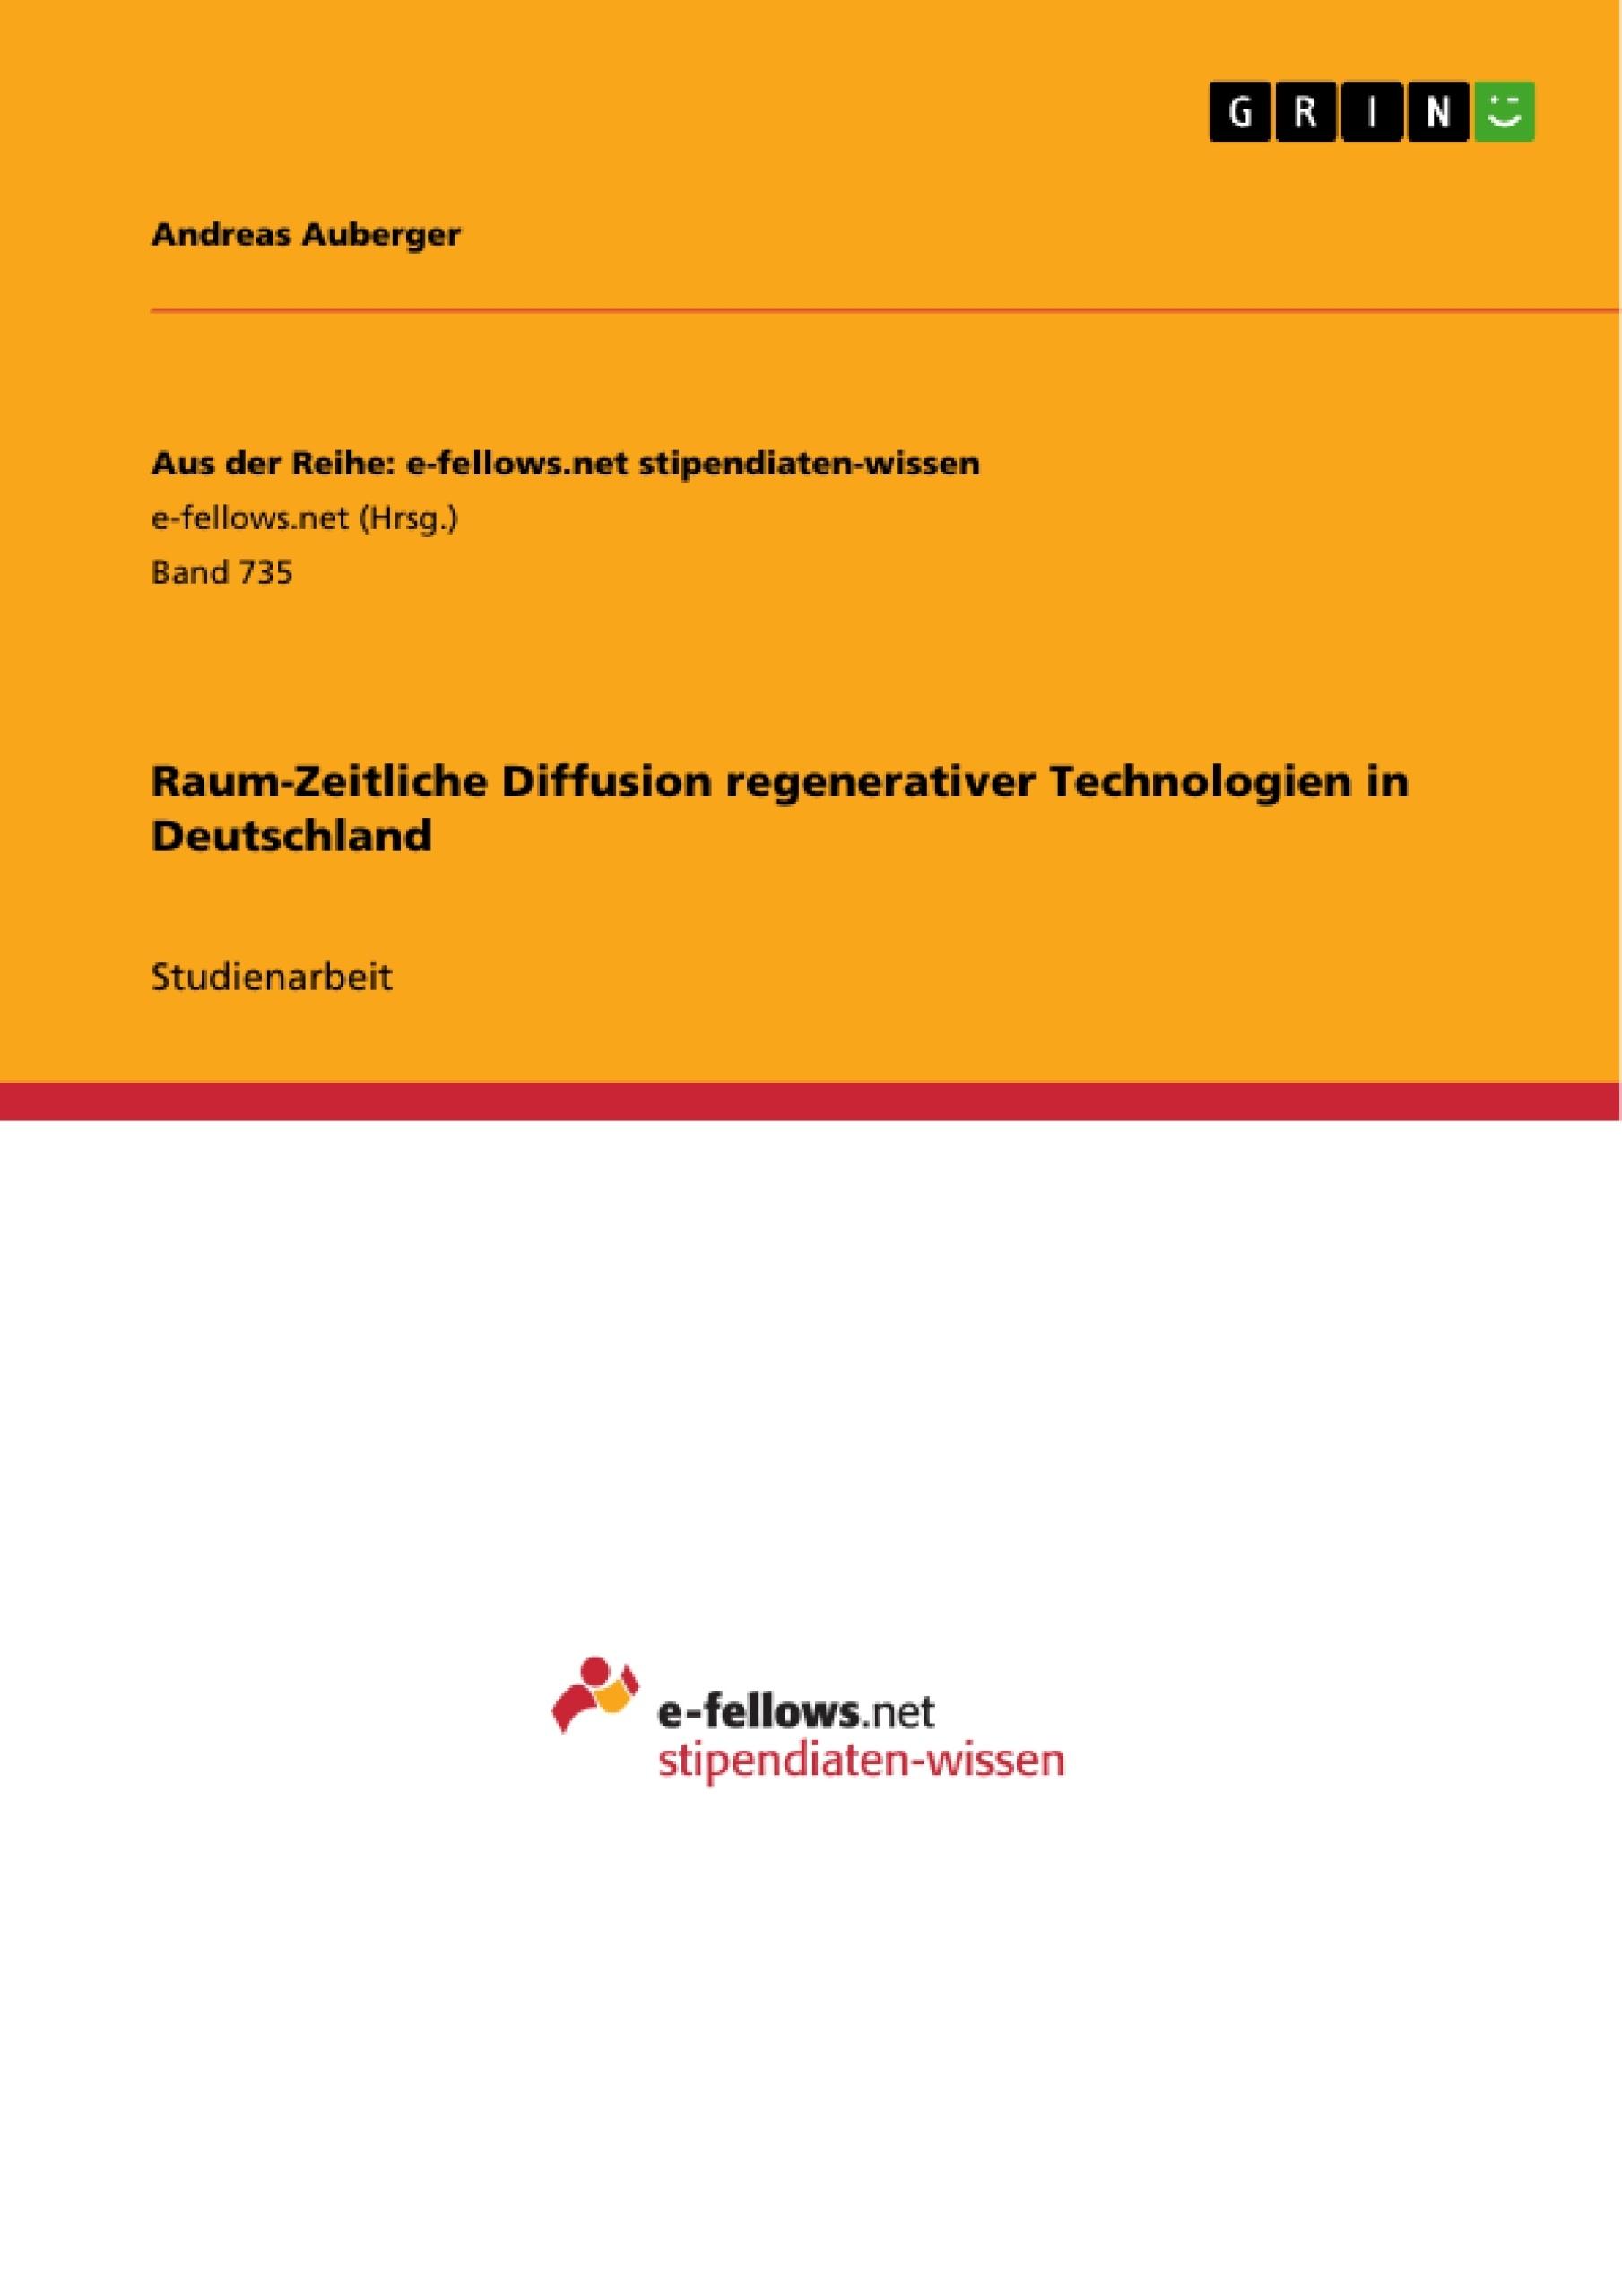 Titel: Raum-Zeitliche Diffusion regenerativer Technologien in Deutschland